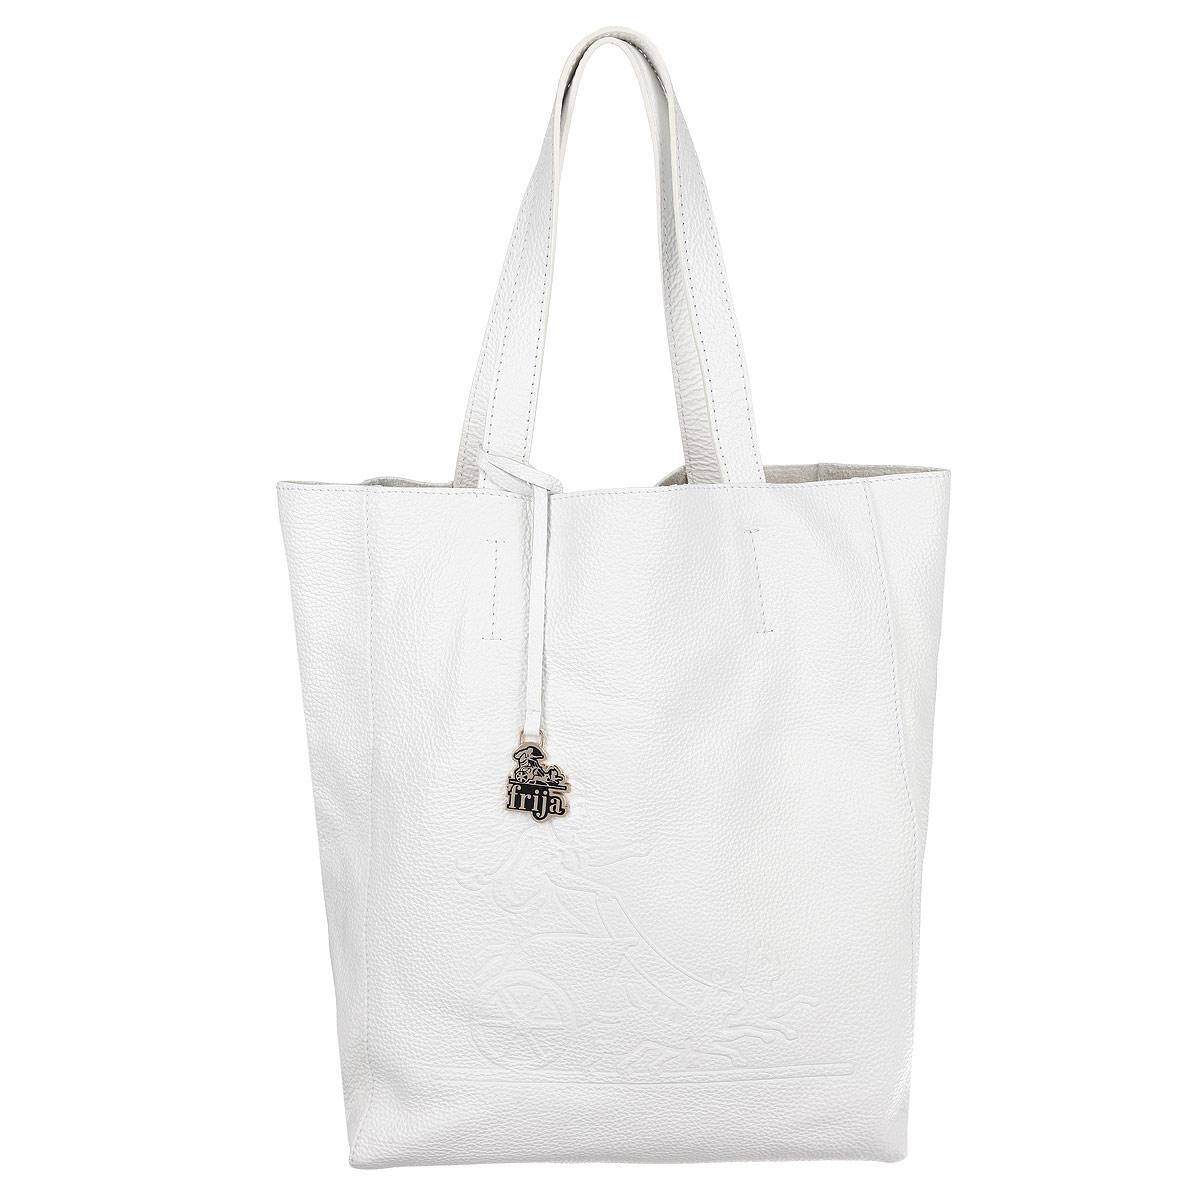 Сумка женская Frija, цвет: белый. 21-0200-1373298с-1Стильная и удобная женская сумка Frija выполнена из мягкой натуральной кожи с фактурной поверхностью. Лицевая сторона изделия оформлена оригинальным тиснением в виде логотипа бренда. Сумка имеет одно вместительное отделение, дополненное накладным карманом на застежке-молнии. Изюминка модели - текстильный вкладыш в главном отделении, который крепится к корпусу сумки при помощи кнопок, закрывается на удобную застежку-молнию. Внутри вкладыша - врезной карман на застежке-молнии.Сумка оснащена двумя удобными ручками, позволяющими носить её на плече.Изделие упаковано в фирменный чехол. Сумка Frija - это стильный аксессуар, который подчеркнет вашу изысканность и индивидуальность и сделает ваш образ завершенным.